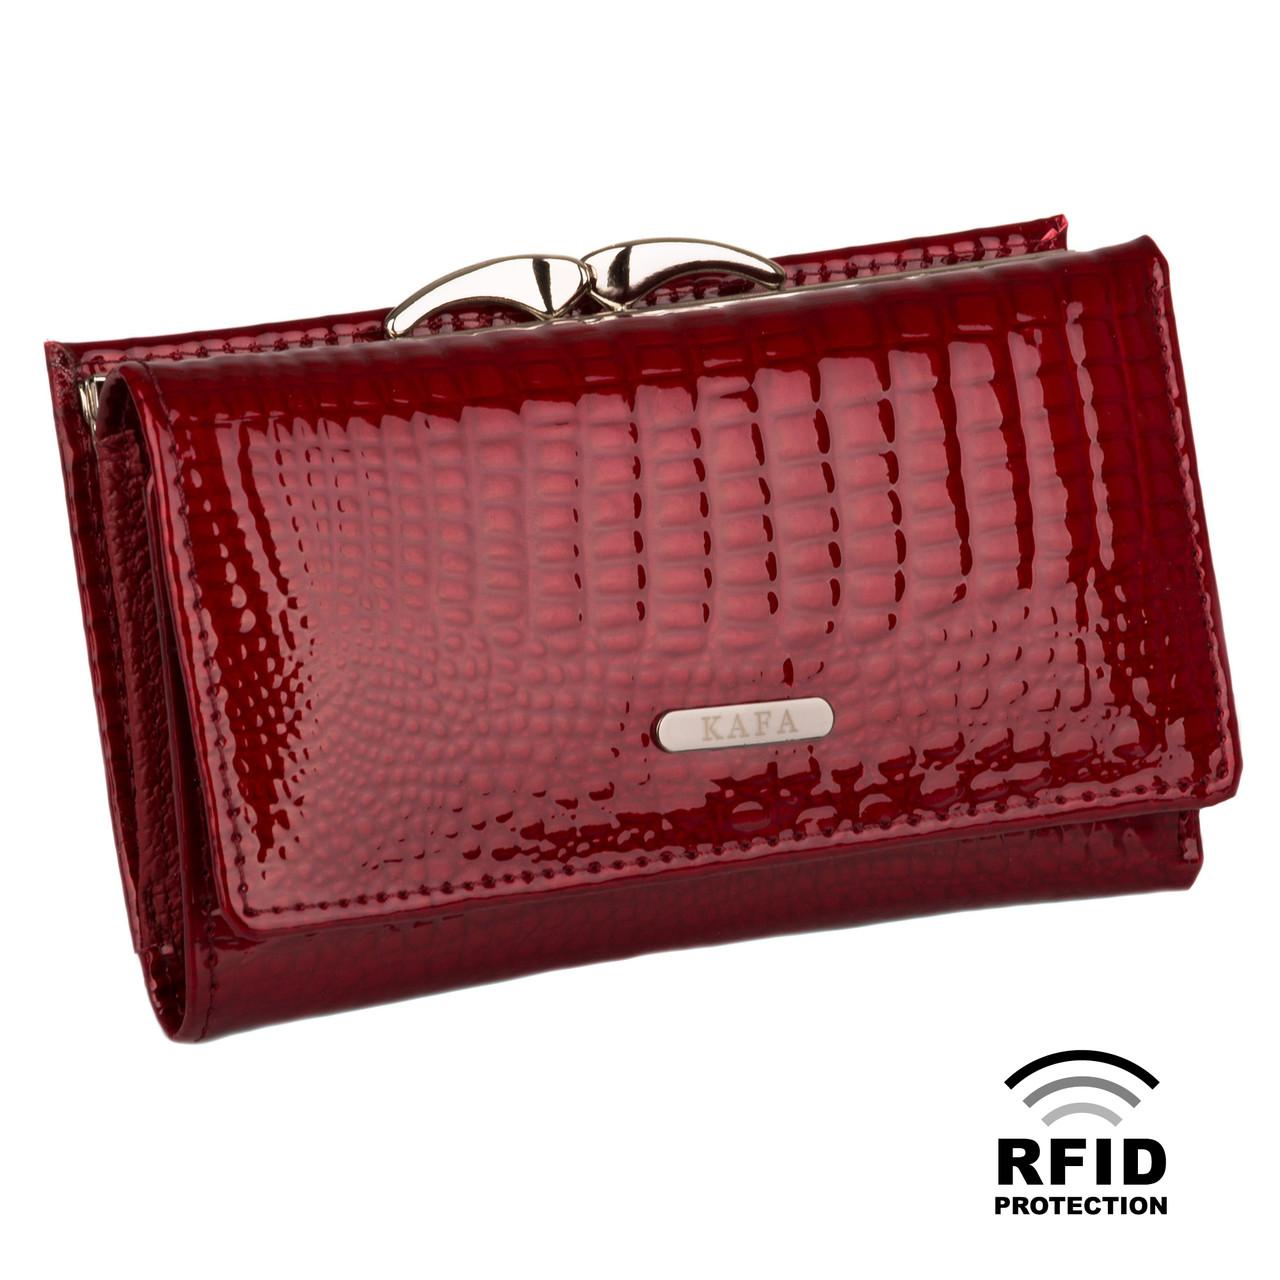 787179d7ce40 Компактный Женский Кошелек Кожаный Kafa с RFID защитой (AE214 red ...